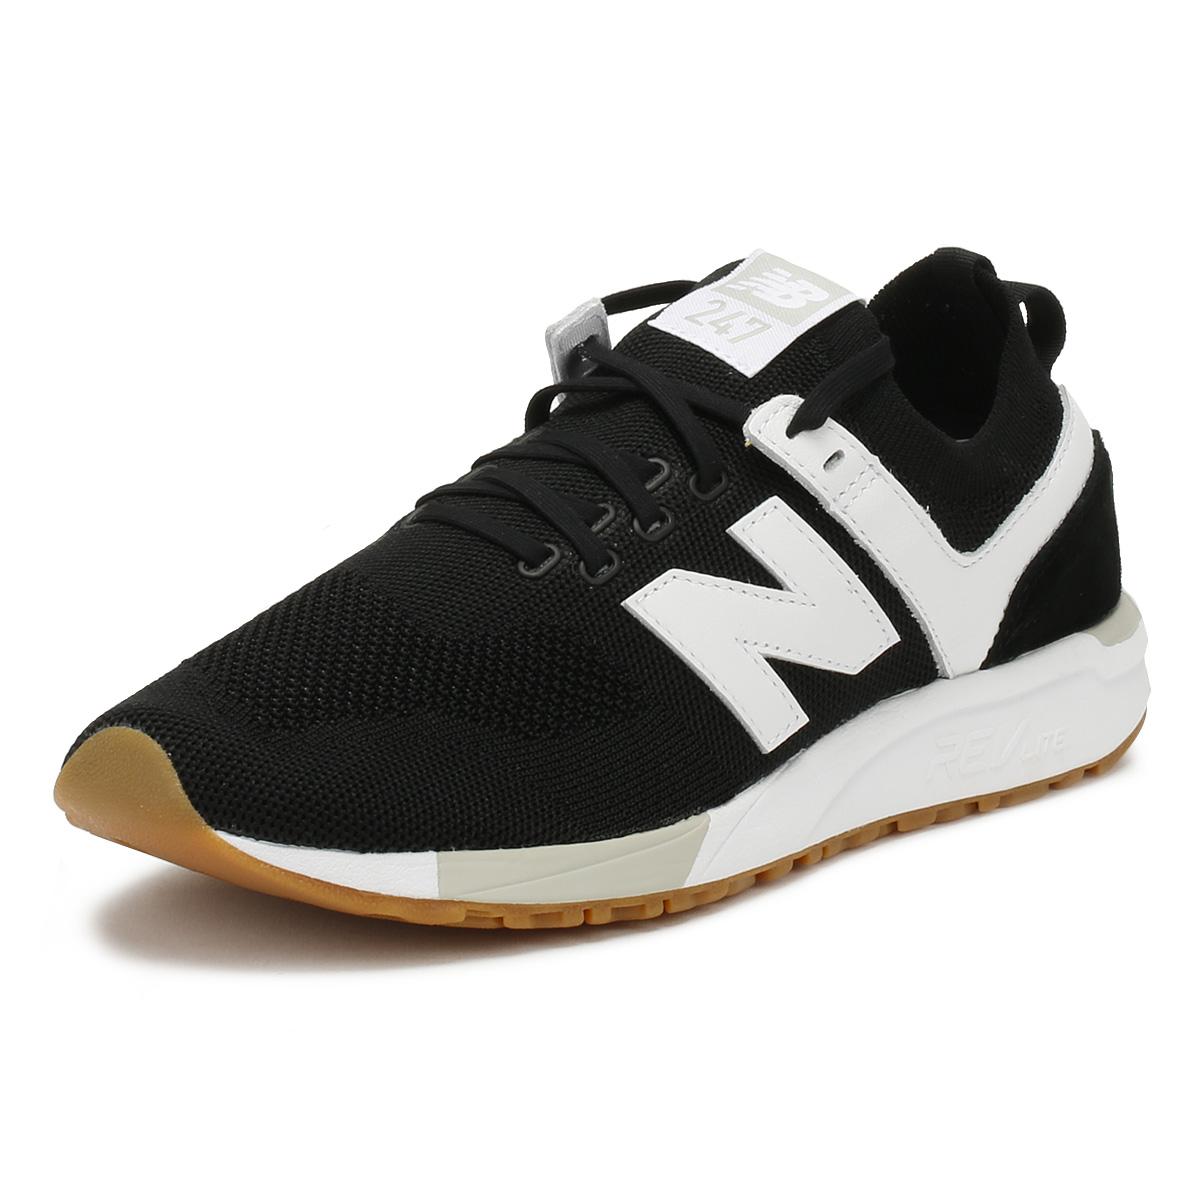 NEW Balance sneaker uomo BLACK WHITE 247 Lacci Sport Casual Scarpe Da Corsa